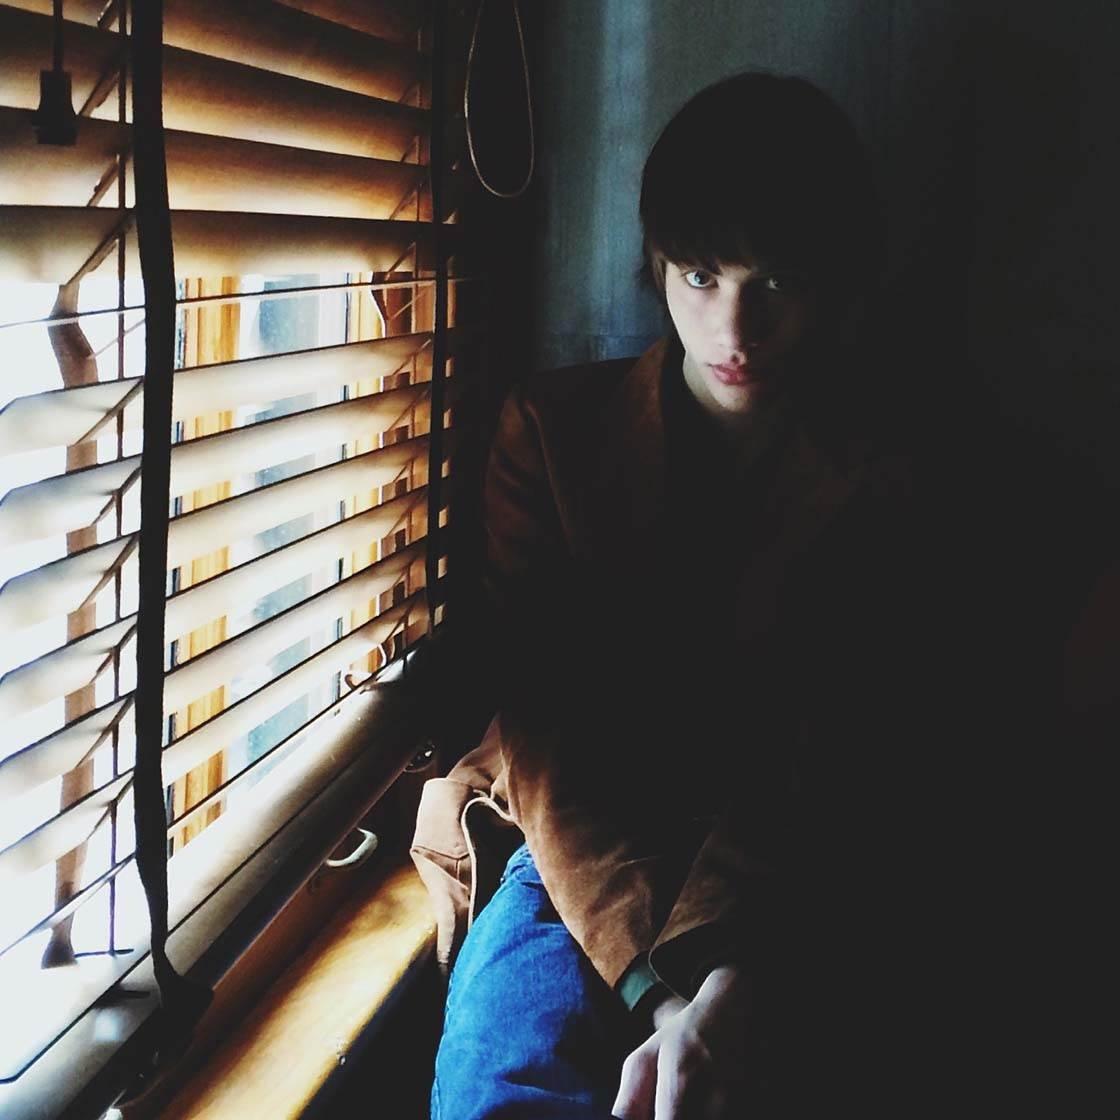 iPhone Portrait Photography 22 no script